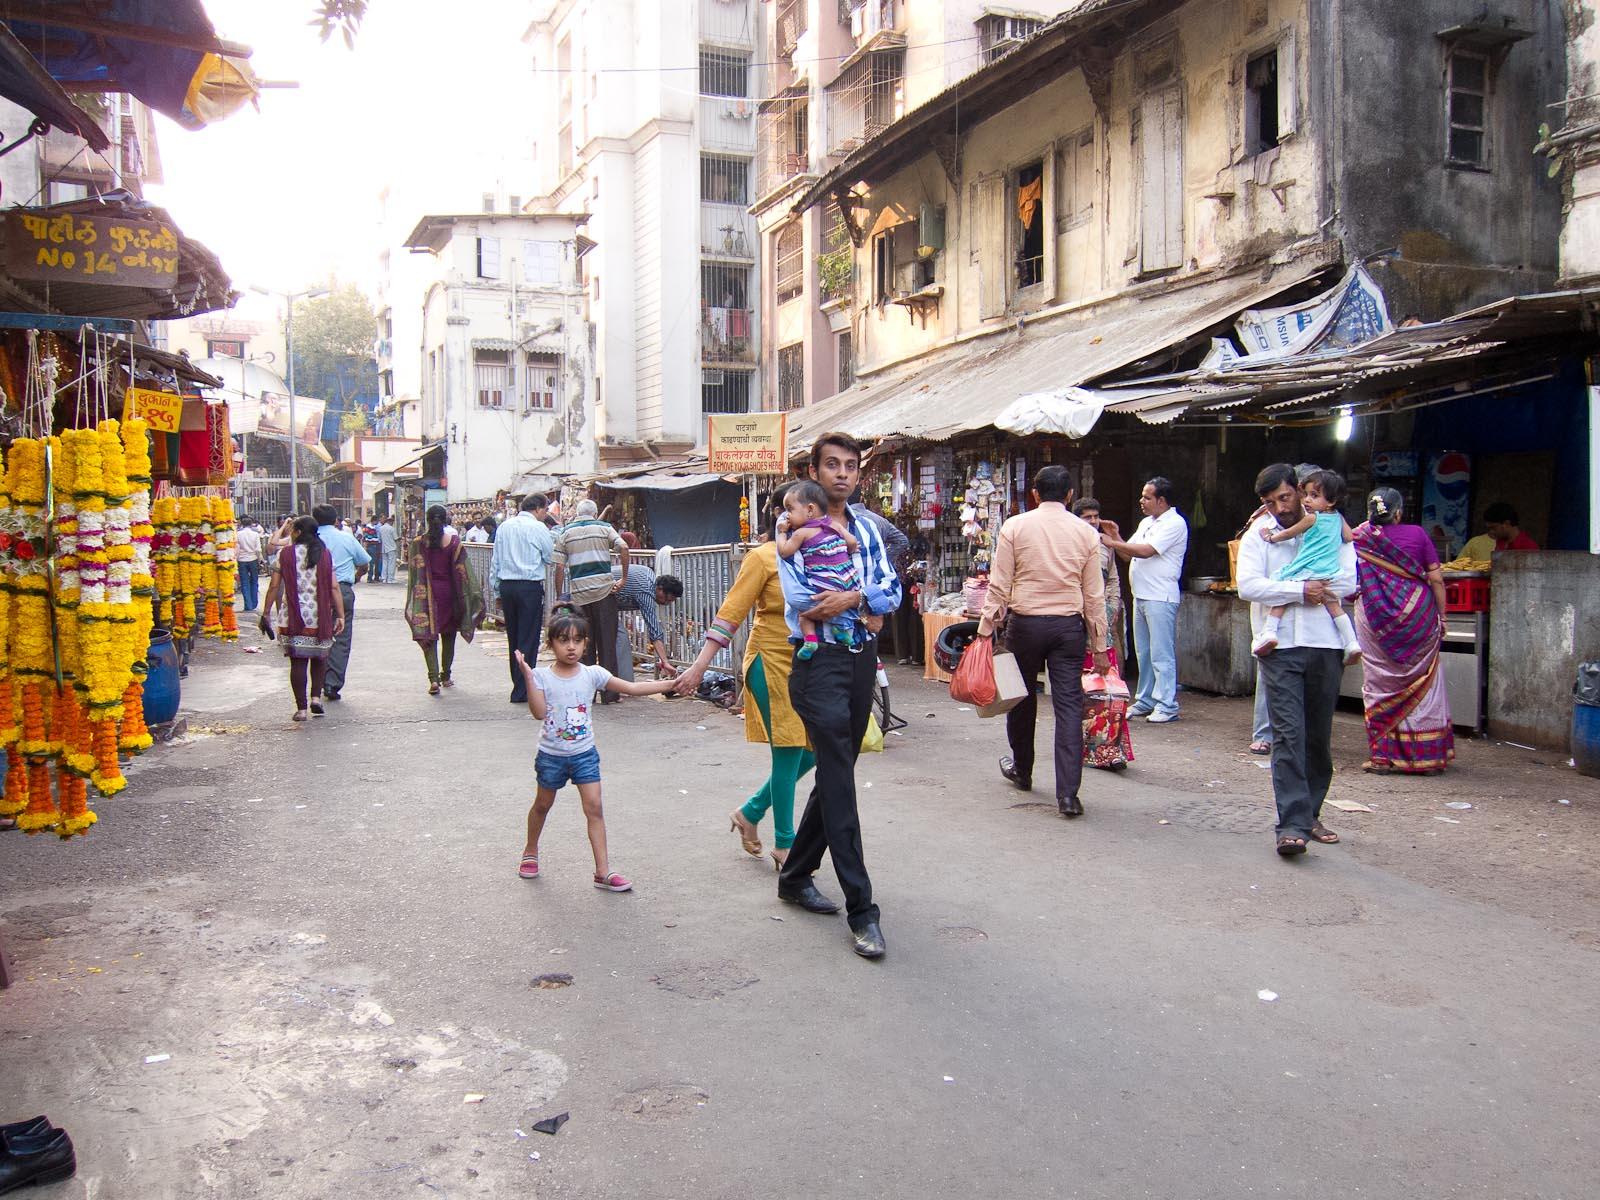 030212_mumbai_146